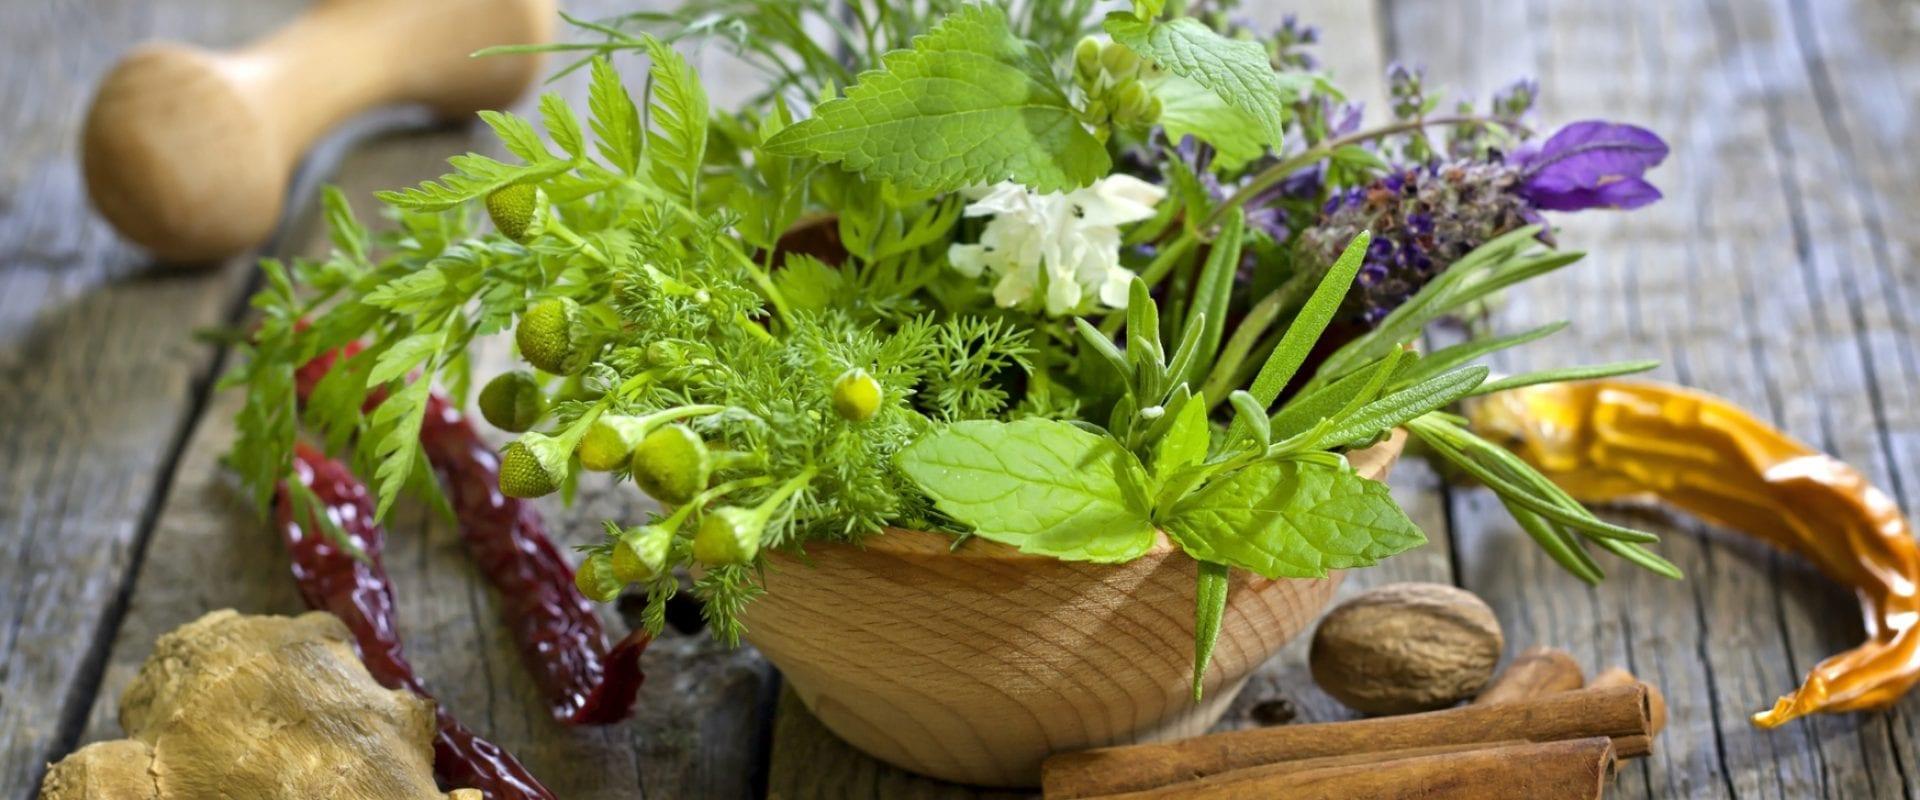 Profitez de vos herbes fraîches plus longtemps !